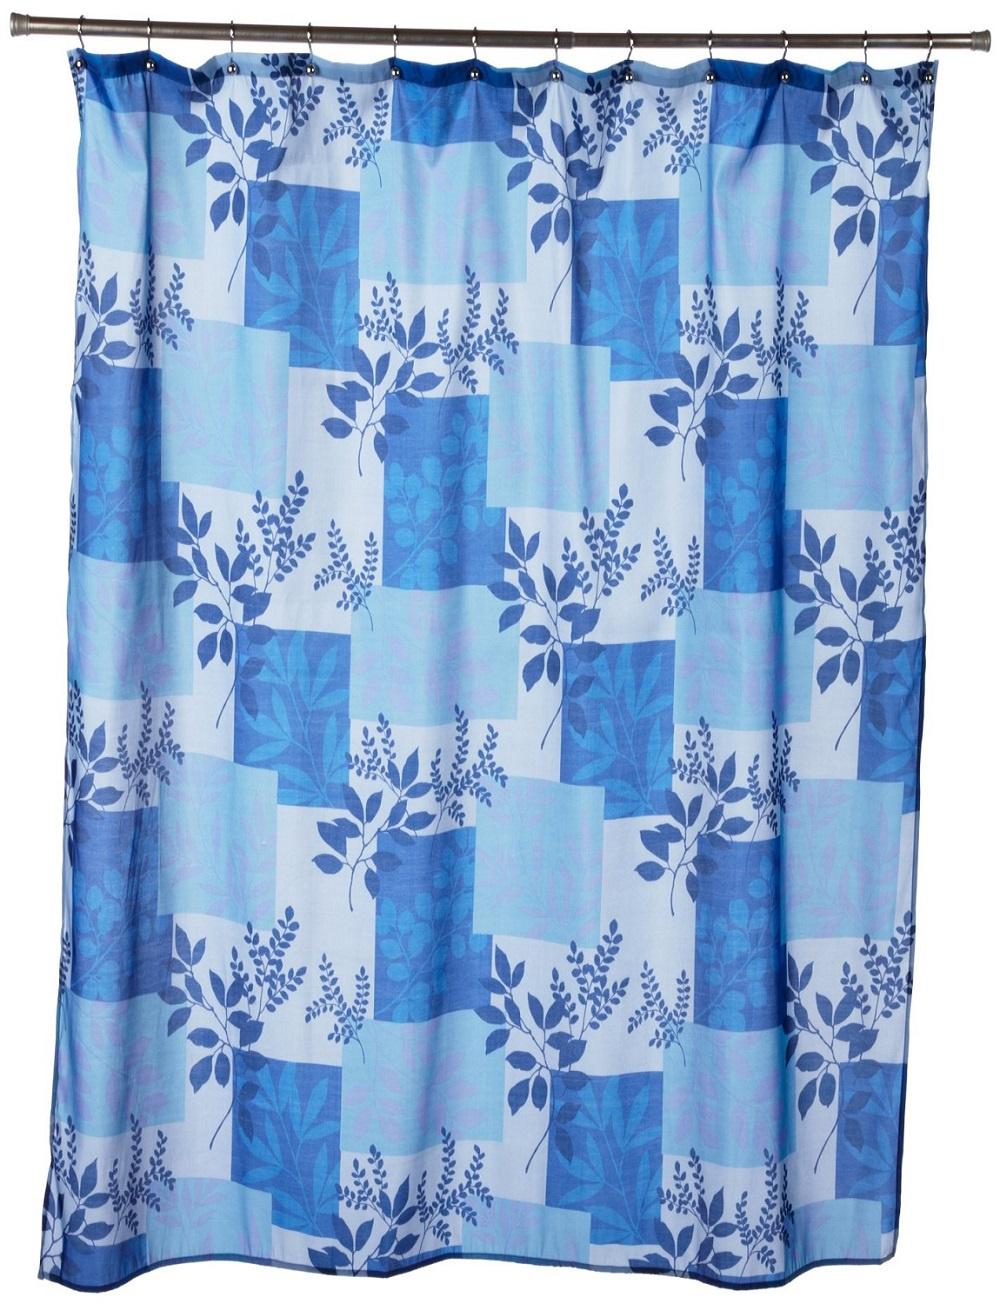 Штора для ванной Carnation Home Fashions Laura, FSC-LAR/01, синий, голубойFSC-LAR/01Стильная шторка c классическим рисунком привнесет в Вашу ванную комнату атмосферу романтики, изысканности и роскоши.